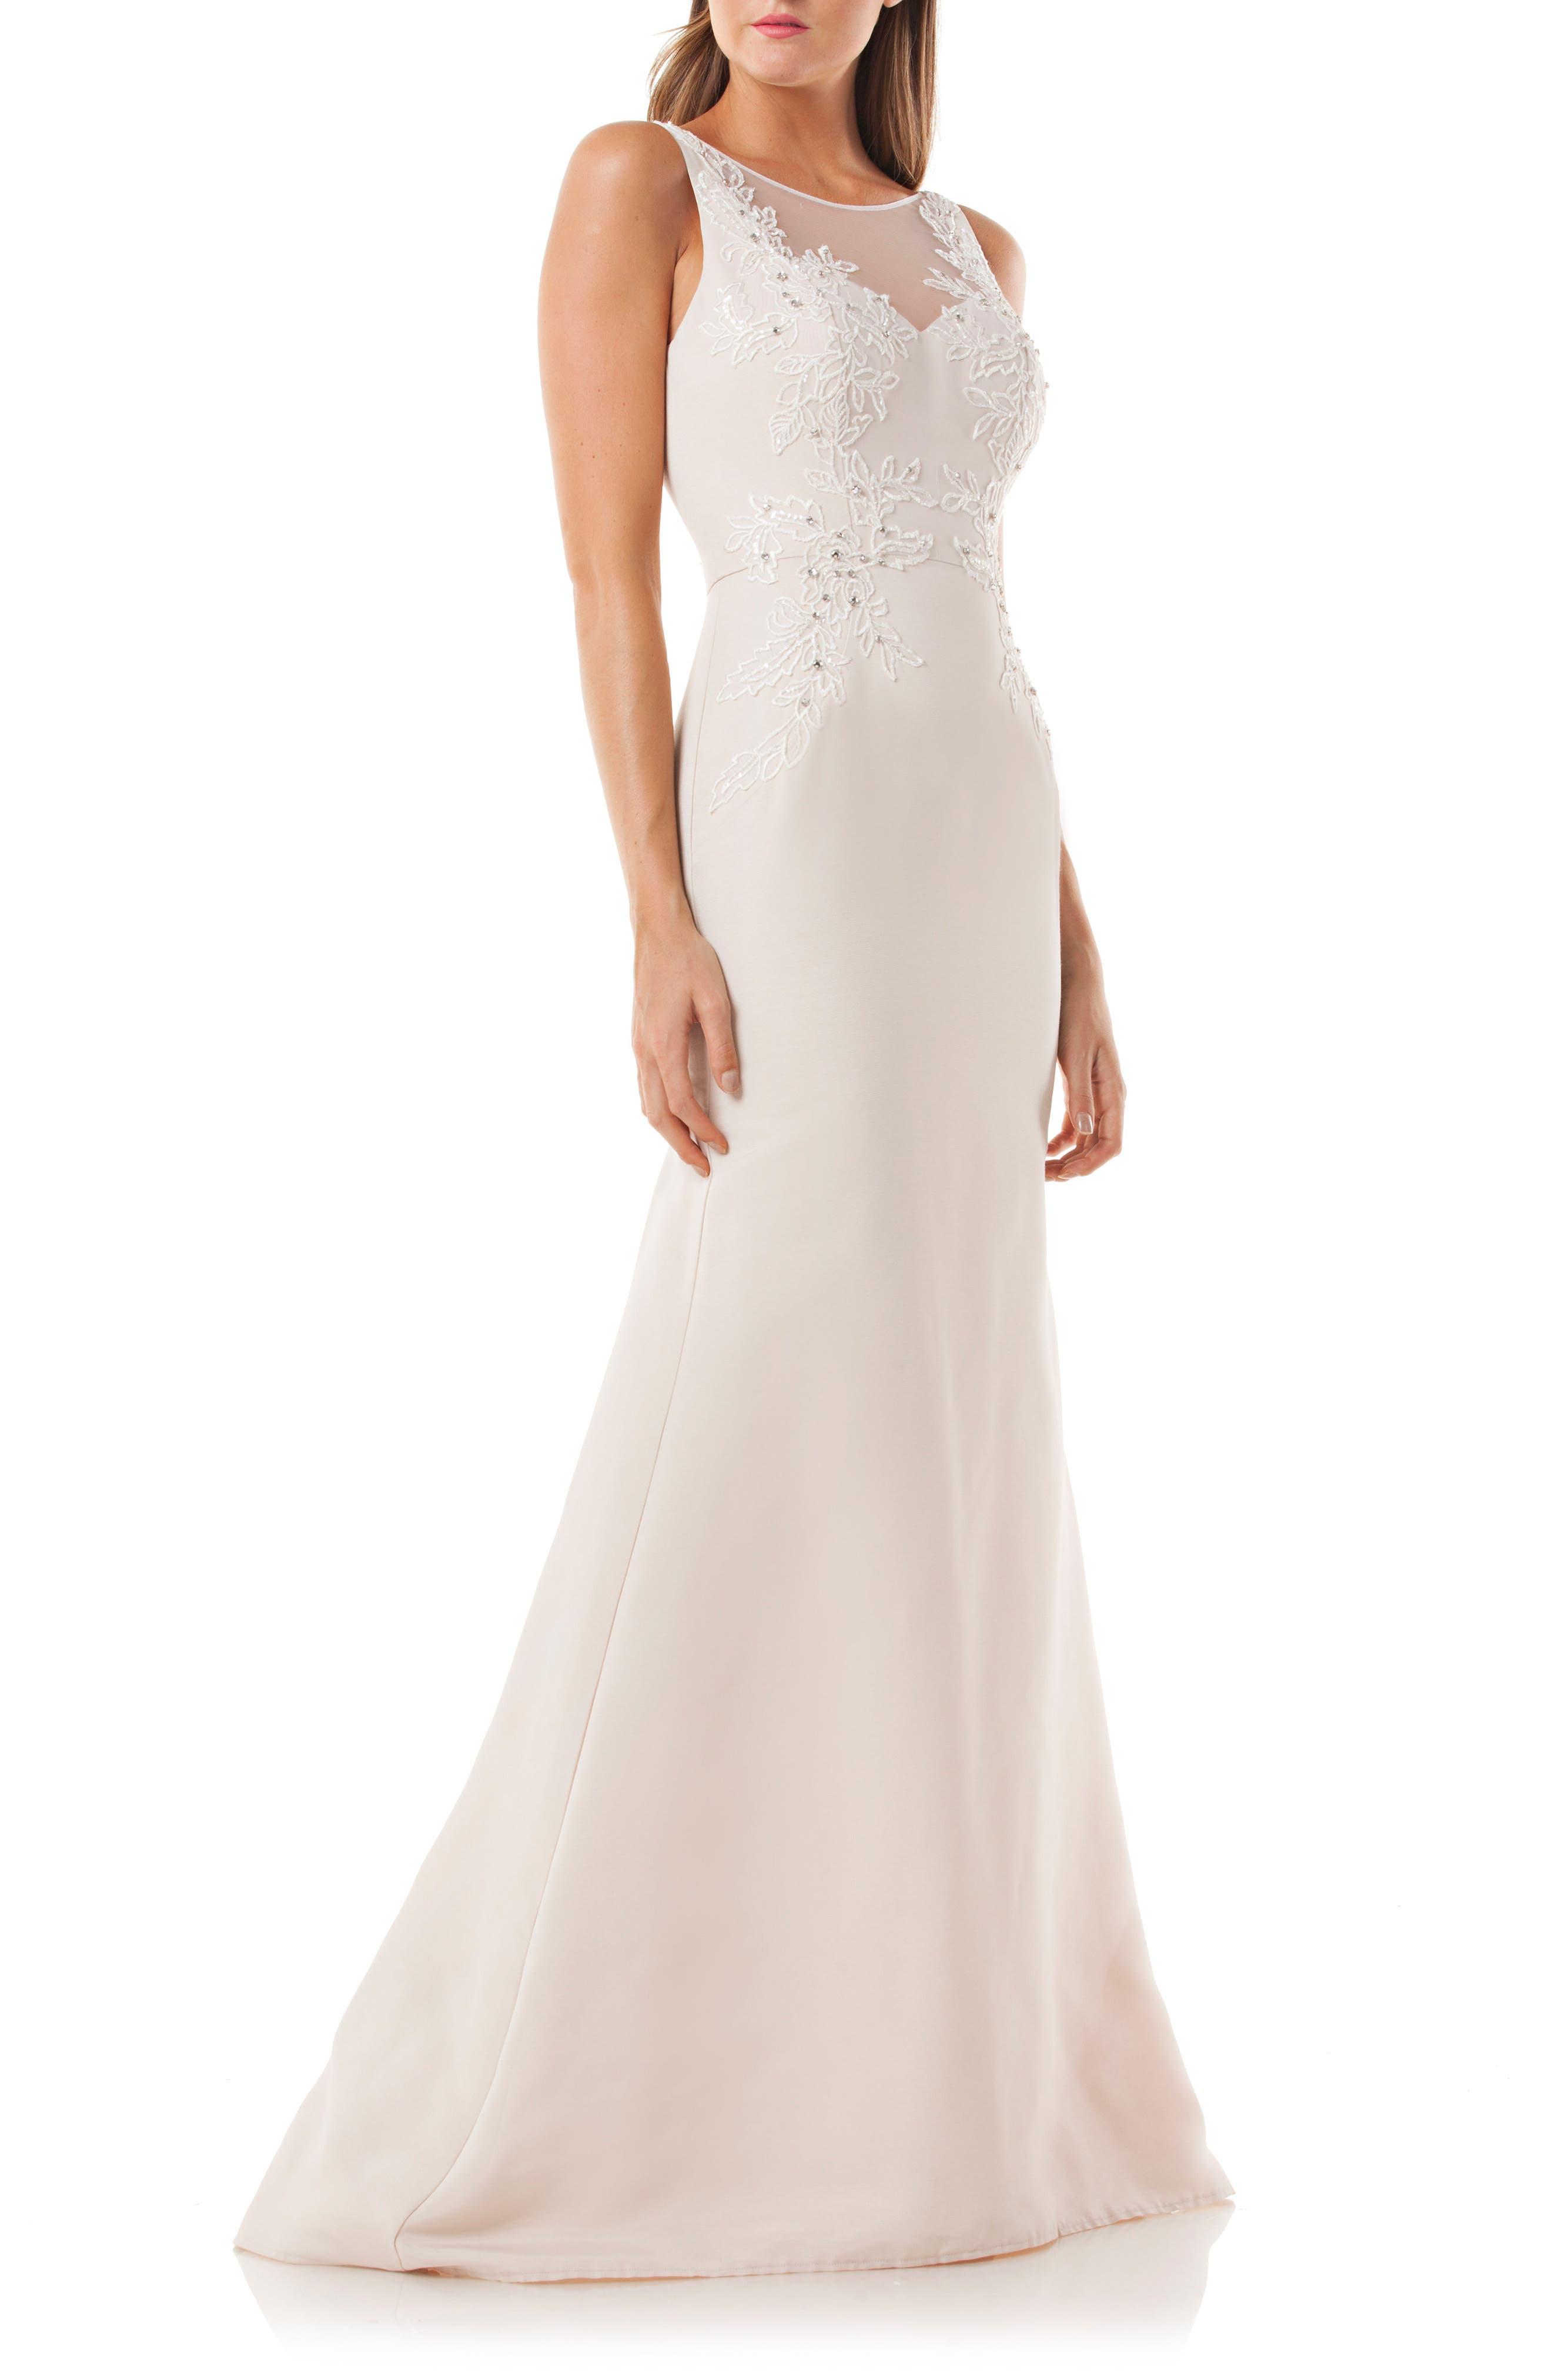 Lace Appliqué Mermaid Gown,                             Main thumbnail 1, color,                             Champ/ White